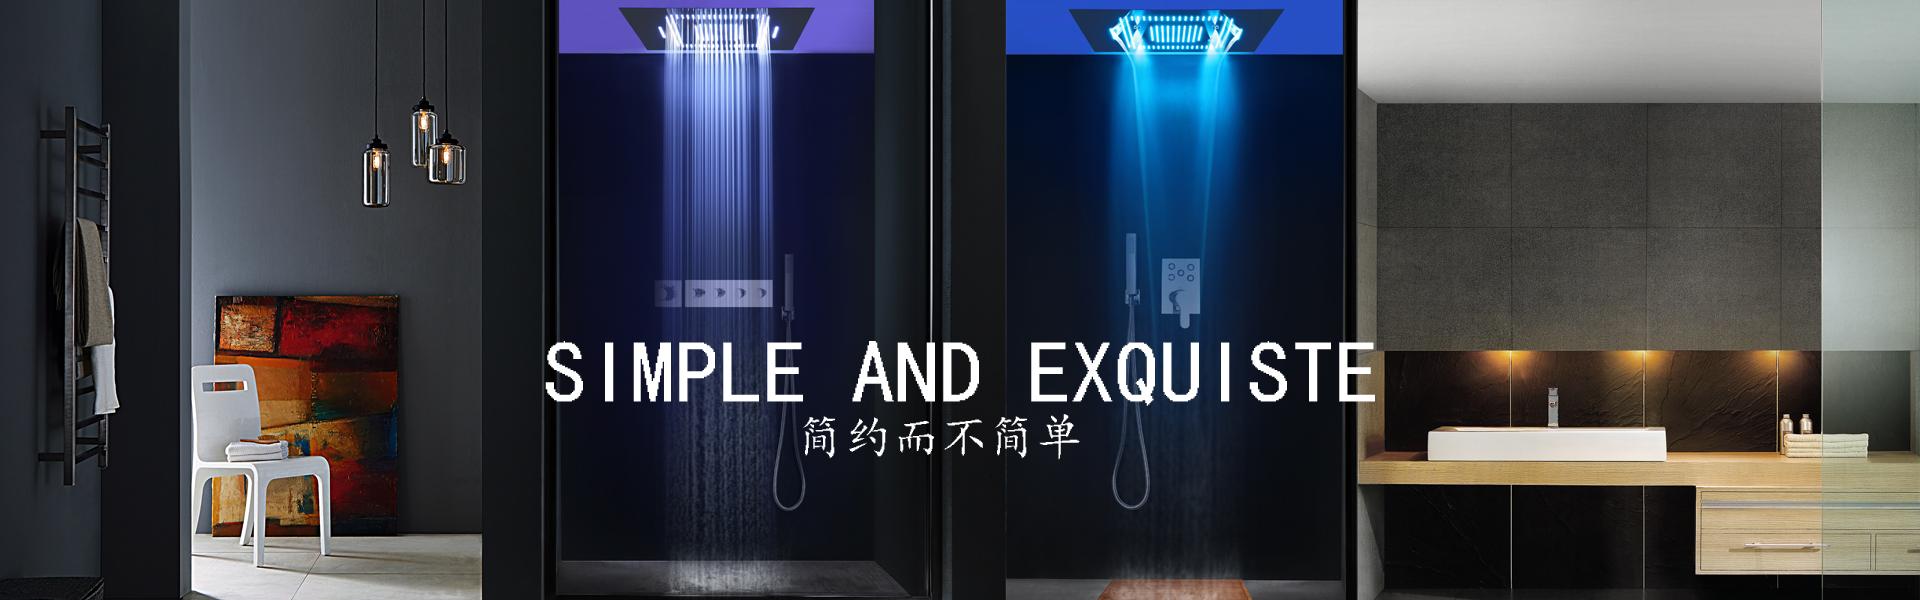 佛山乐浴卫浴科技有限公司注要研发生产LED淋浴花洒、工程酒店花洒、浴旺淋浴花洒、智能淋浴花洒、暗装淋浴花洒、LED顶喷花洒。